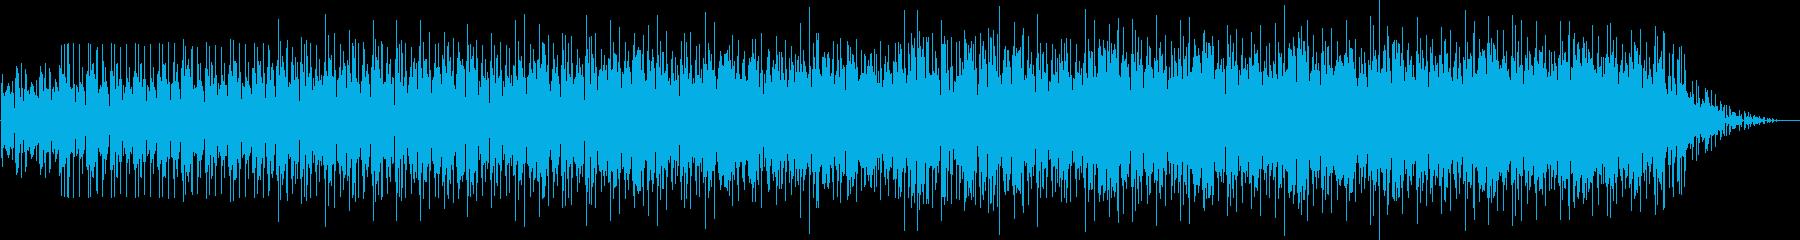 劇伴 ドライブ感のあるミニマルテクノの再生済みの波形